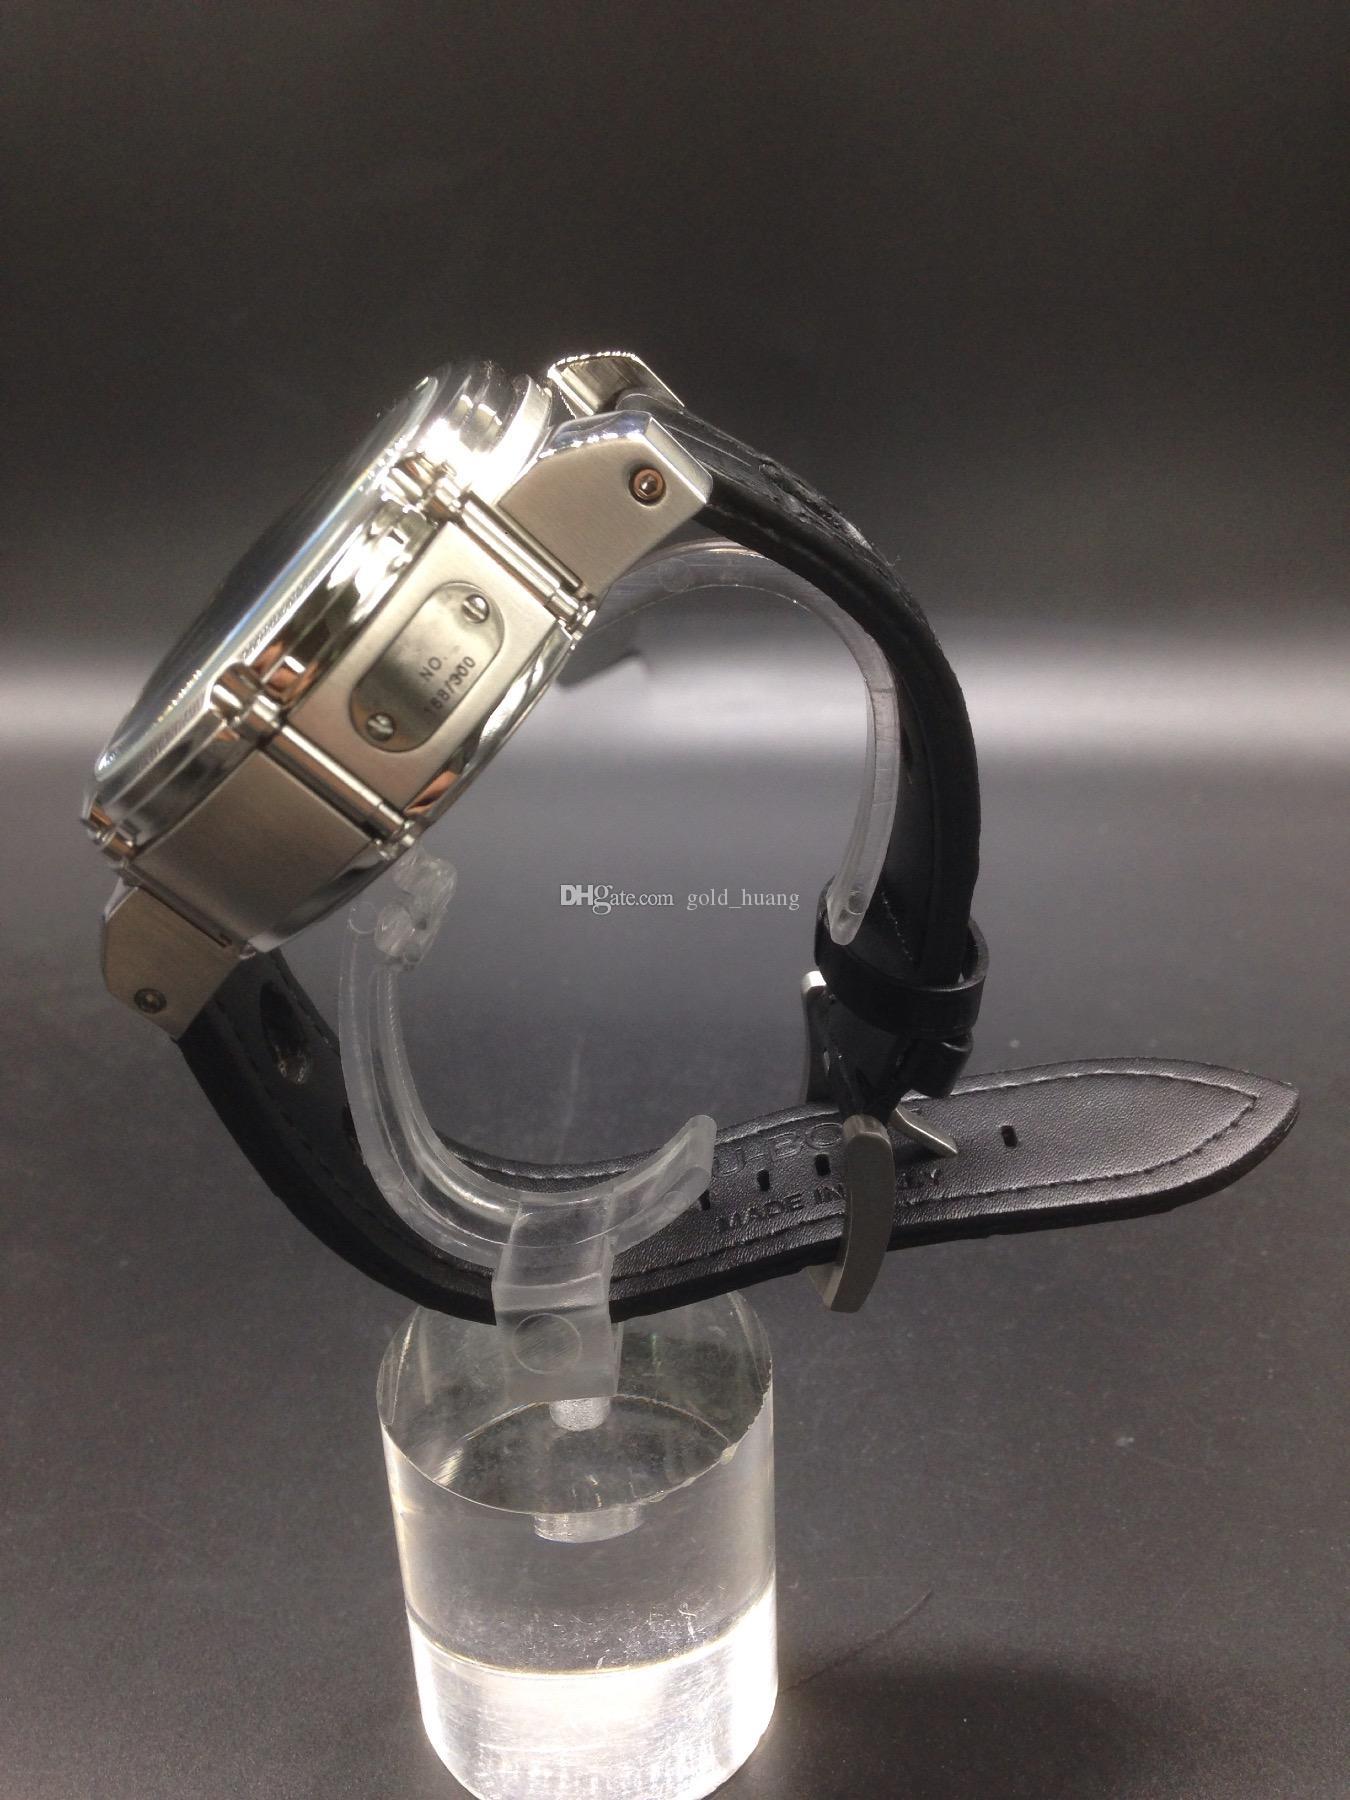 Luxus Limited Flyback Edition Herrenuhr Sport Quarz Chronograph Saphirglas hohe Qualität Edelstahl Uhren